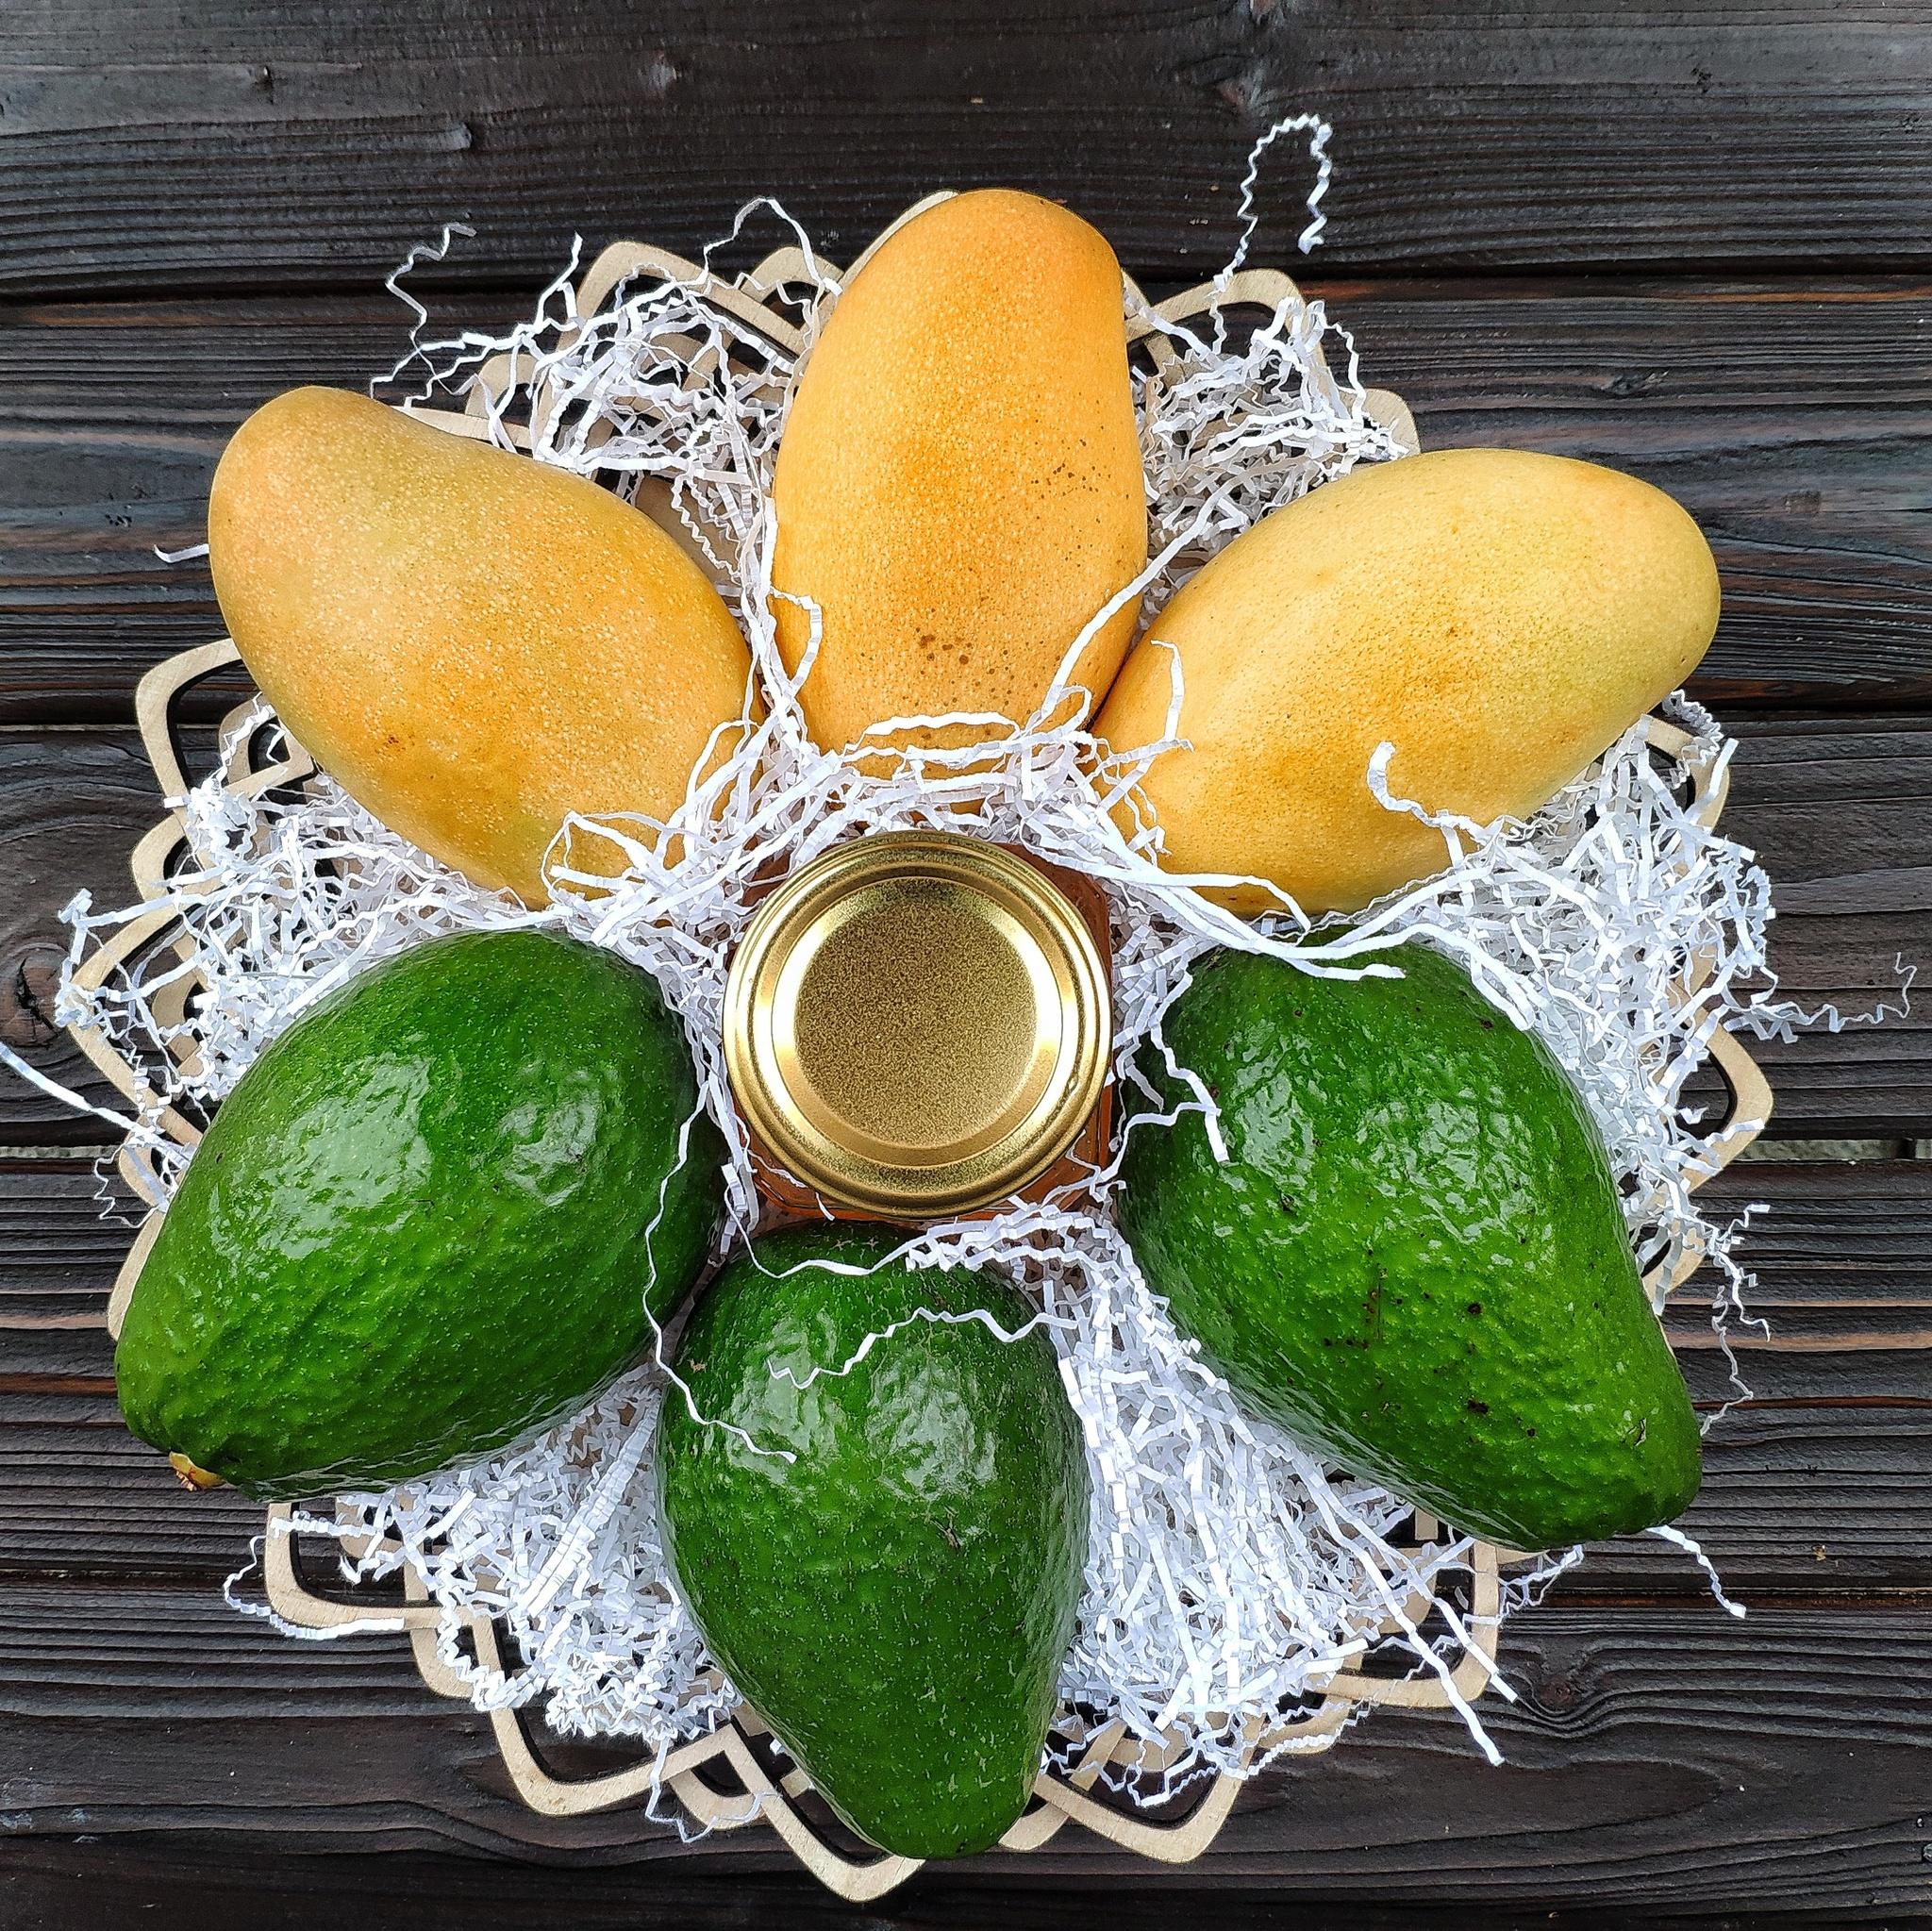 Фотография Подарочная корзина большая манго, авокадо, мед липа, 3 кг. купить в магазине Афлора